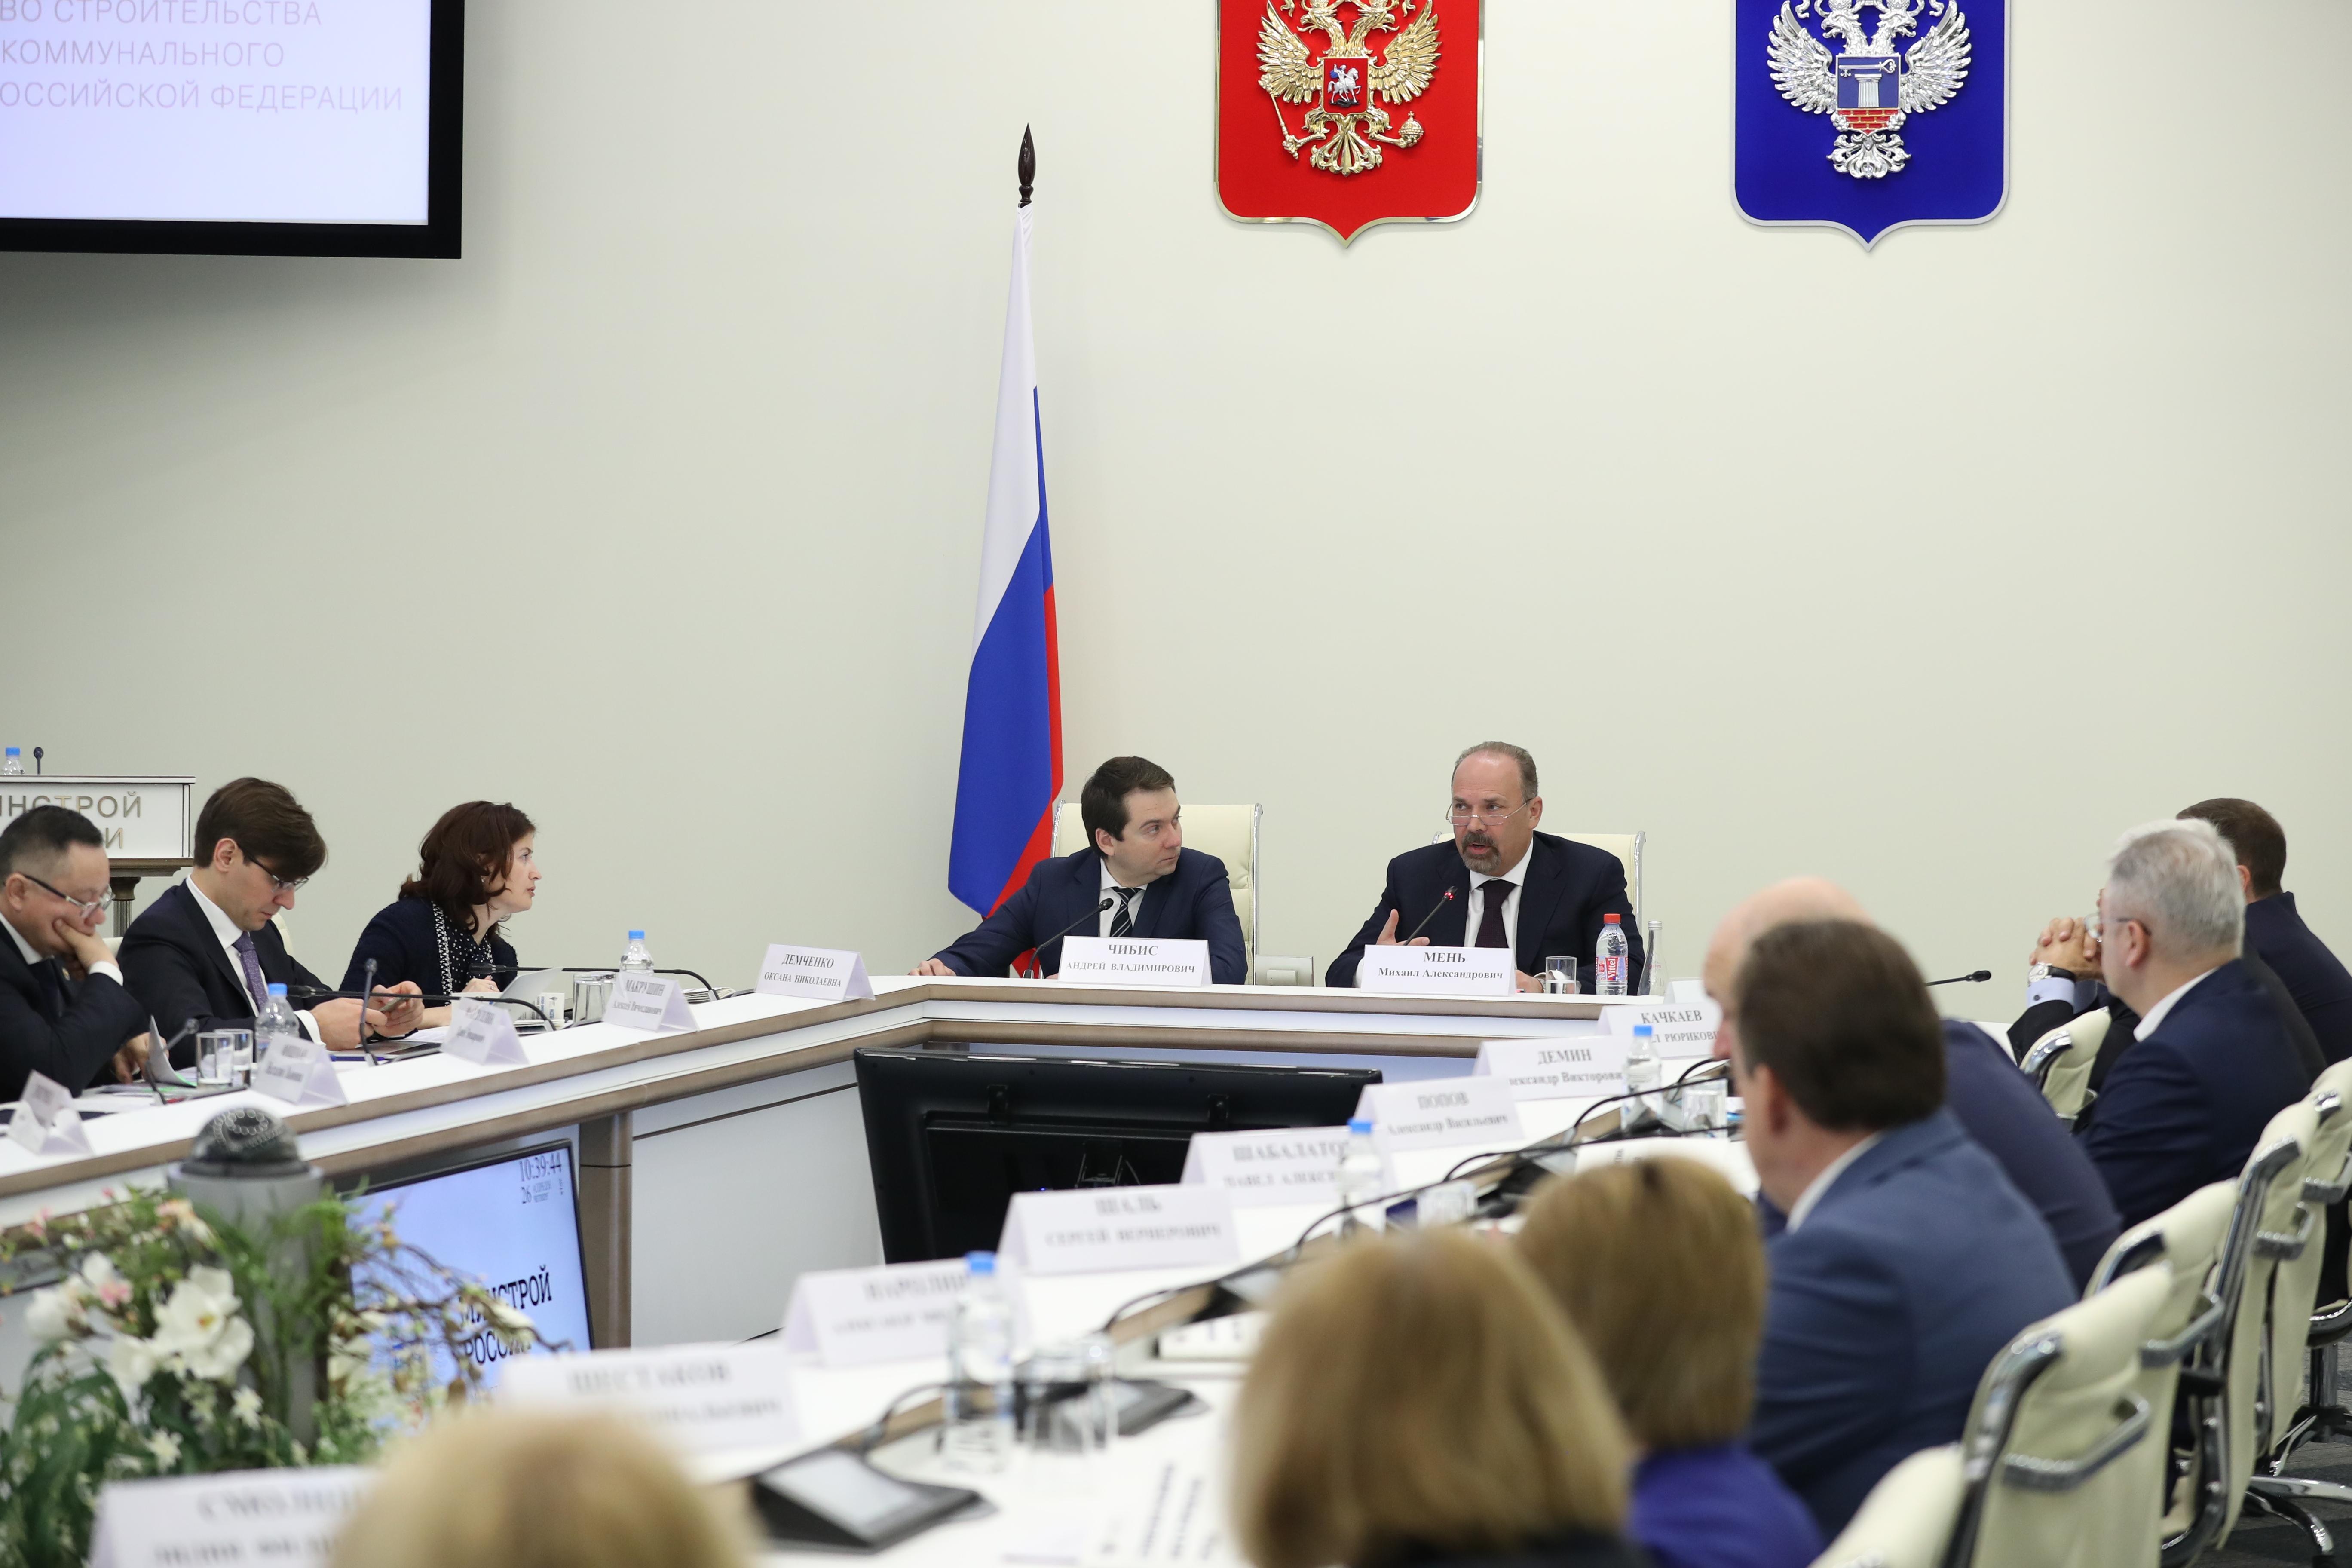 Министр строительства и ЖКХ области Егор Вирков принял участие во Всероссийском совещании